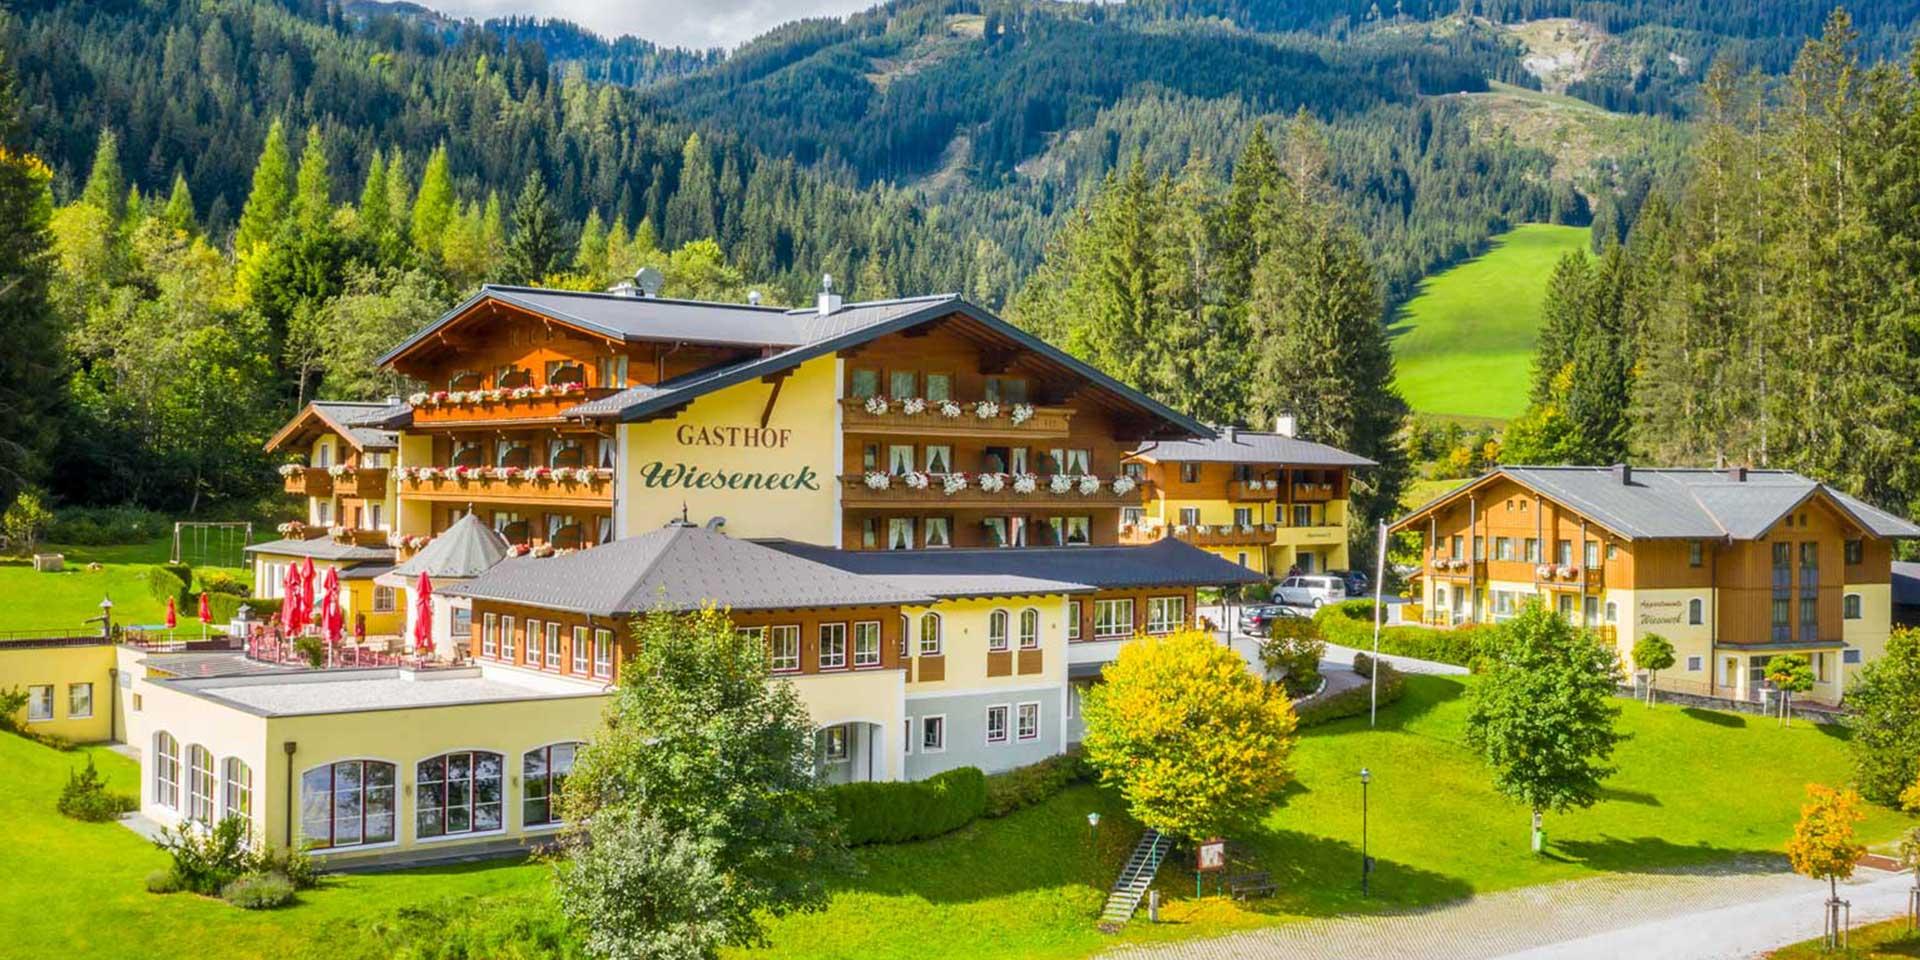 Sommerurlaub im Hotel Wieseneck in Flachau (Salzburg)